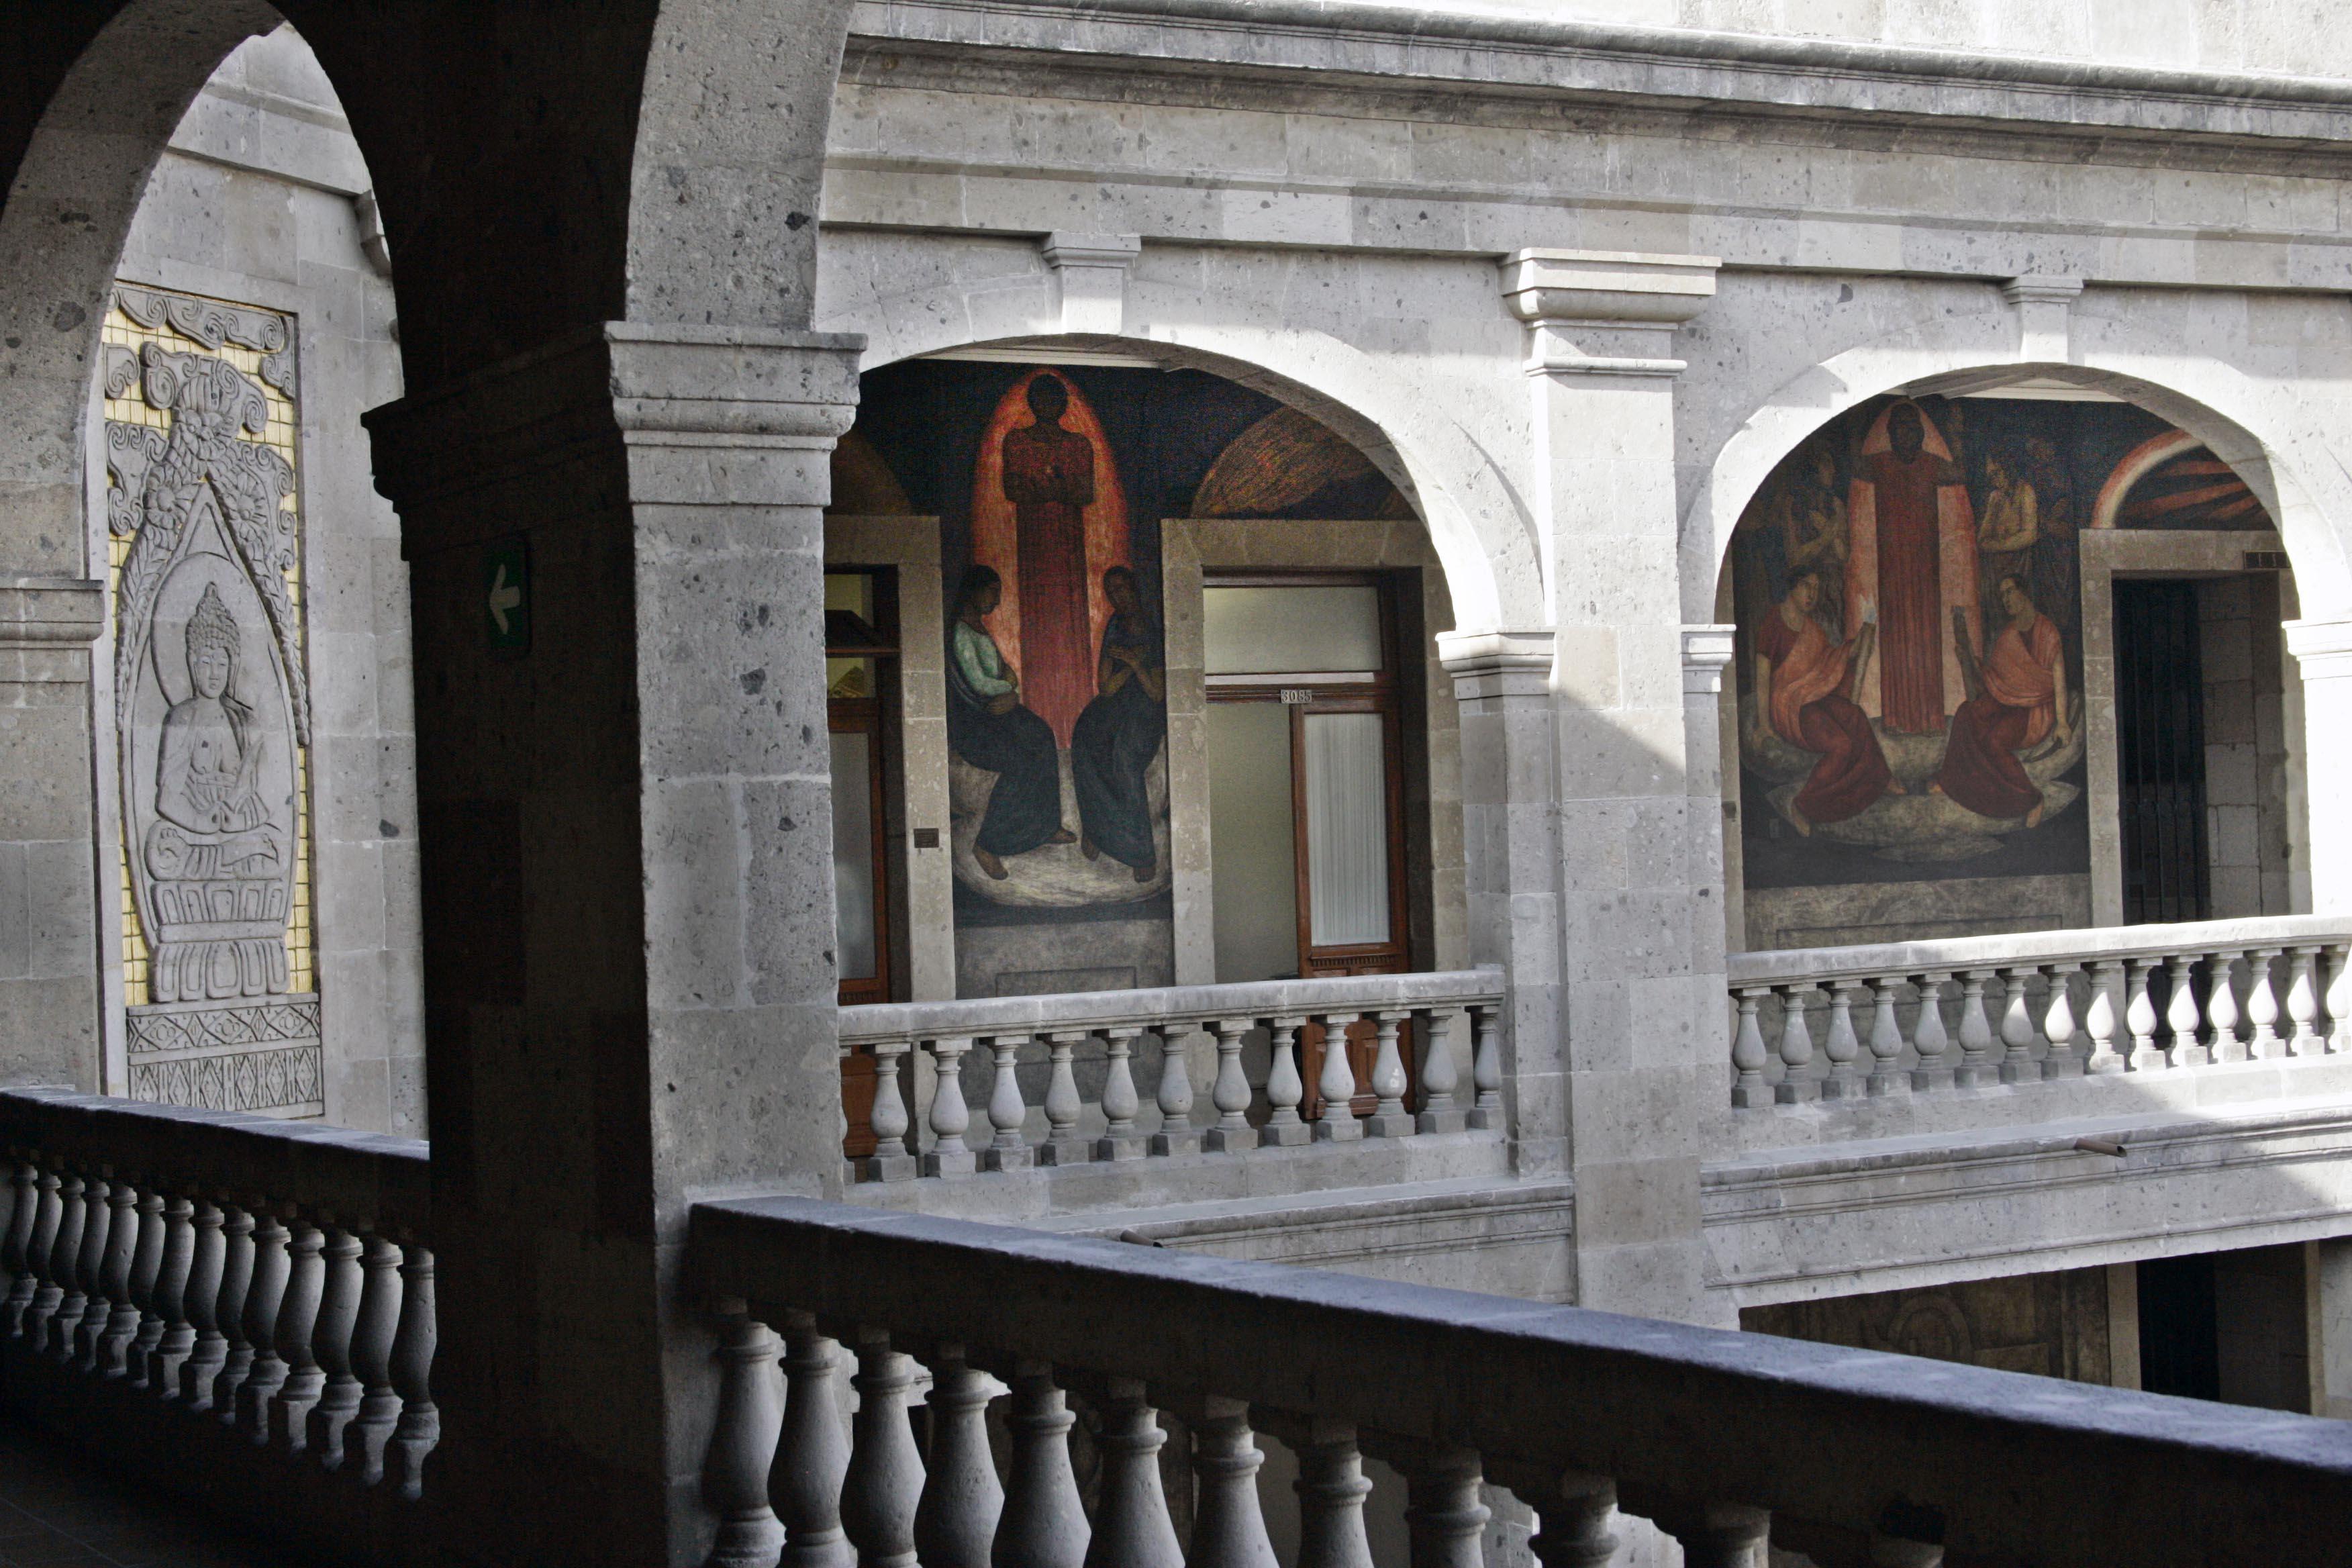 Se presentaron obras de artistas de la Escuela Mexicana de Arte Down (EMAD).